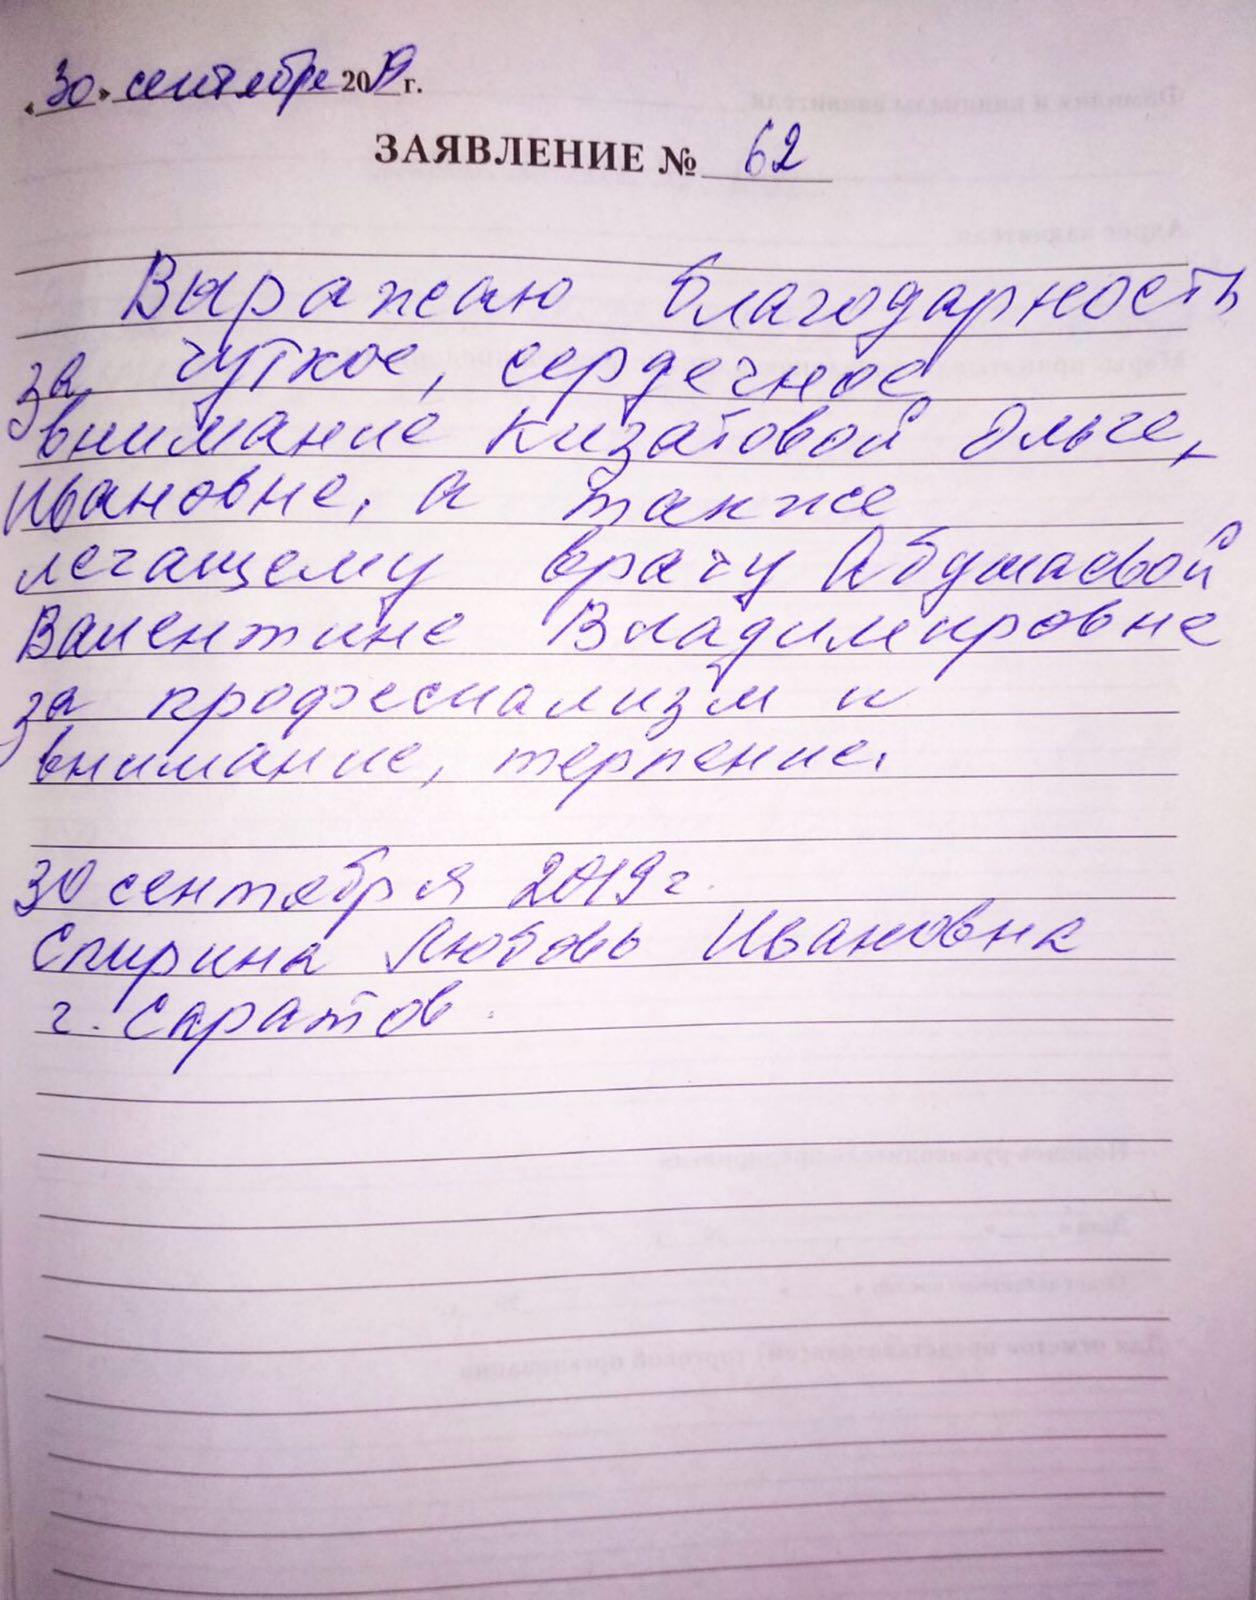 <em>Редактировать Отзыв</em> Любовь Ивановна. Стоматология Фларт